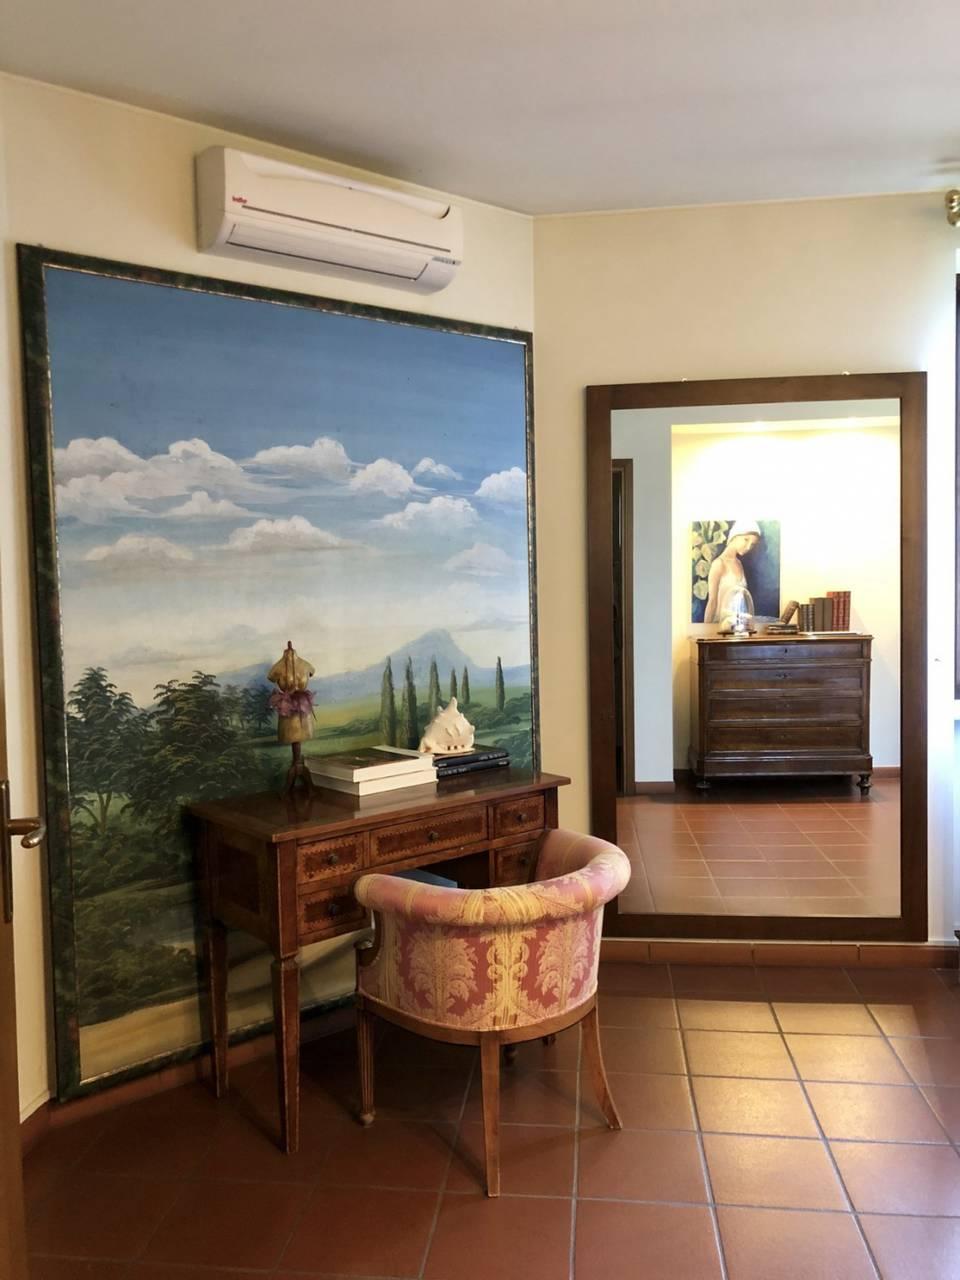 Villa-in-vendita-a-Caronno-Pertusella-29